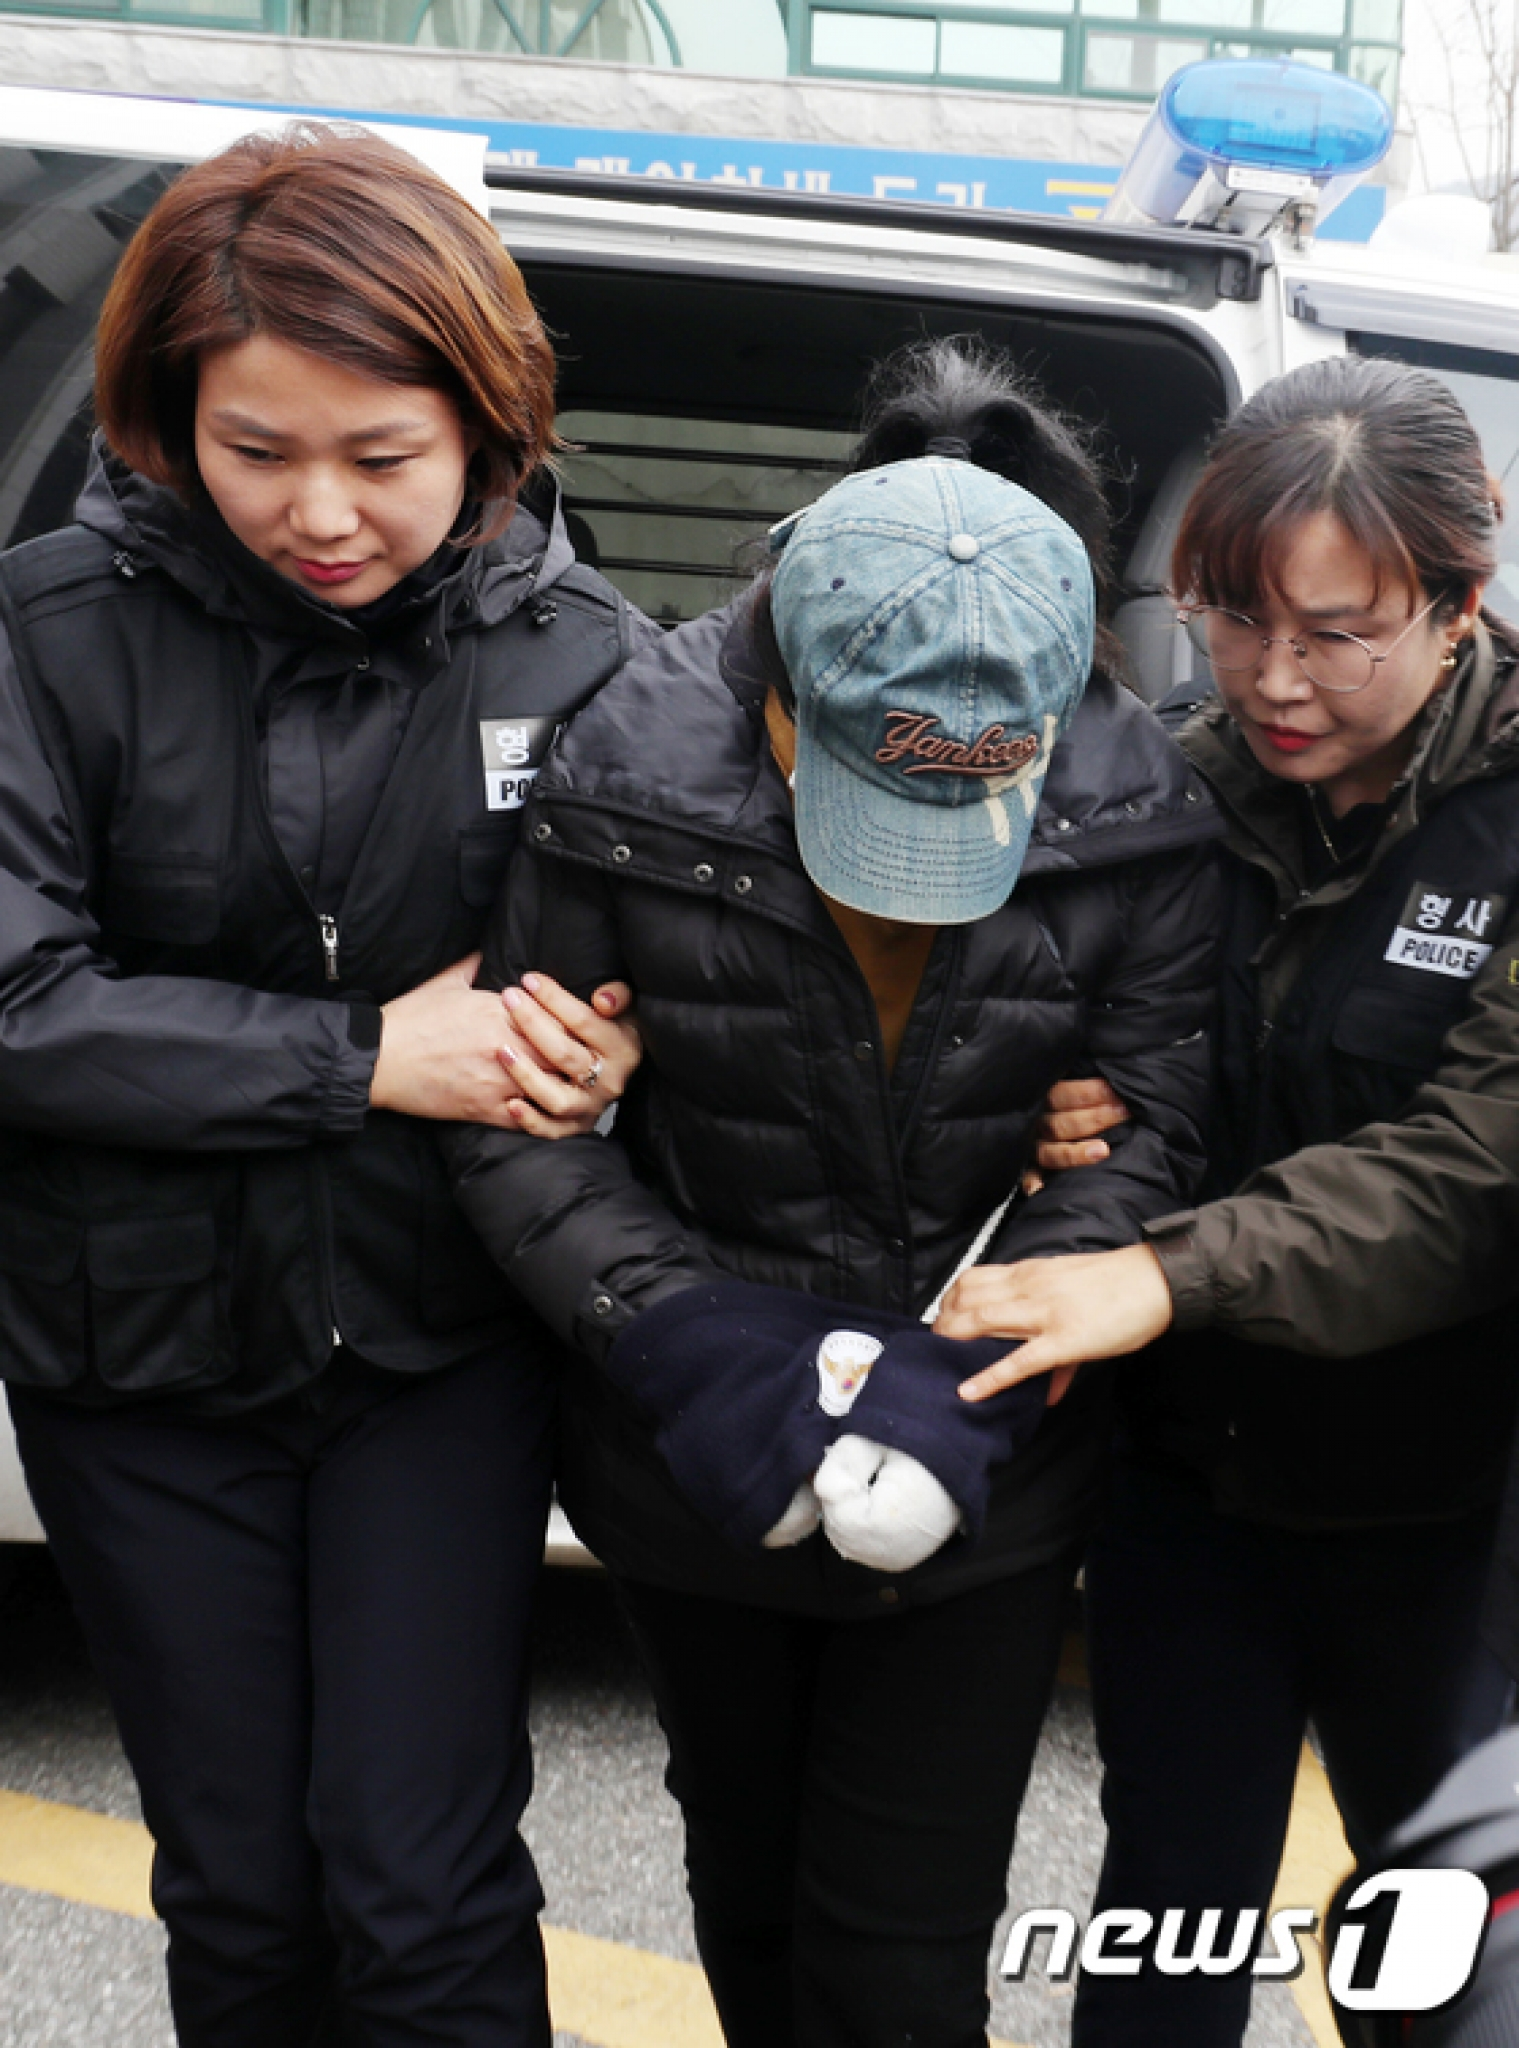 광주 아파트 화재로 아이 3명을 숨지게 한 혐의를 받고 있는 친모 A씨(22·여)가 2일 오후 영장실질심사를 받기 위해 광주지방법원에 들어서고 있다. /사진=뉴스1